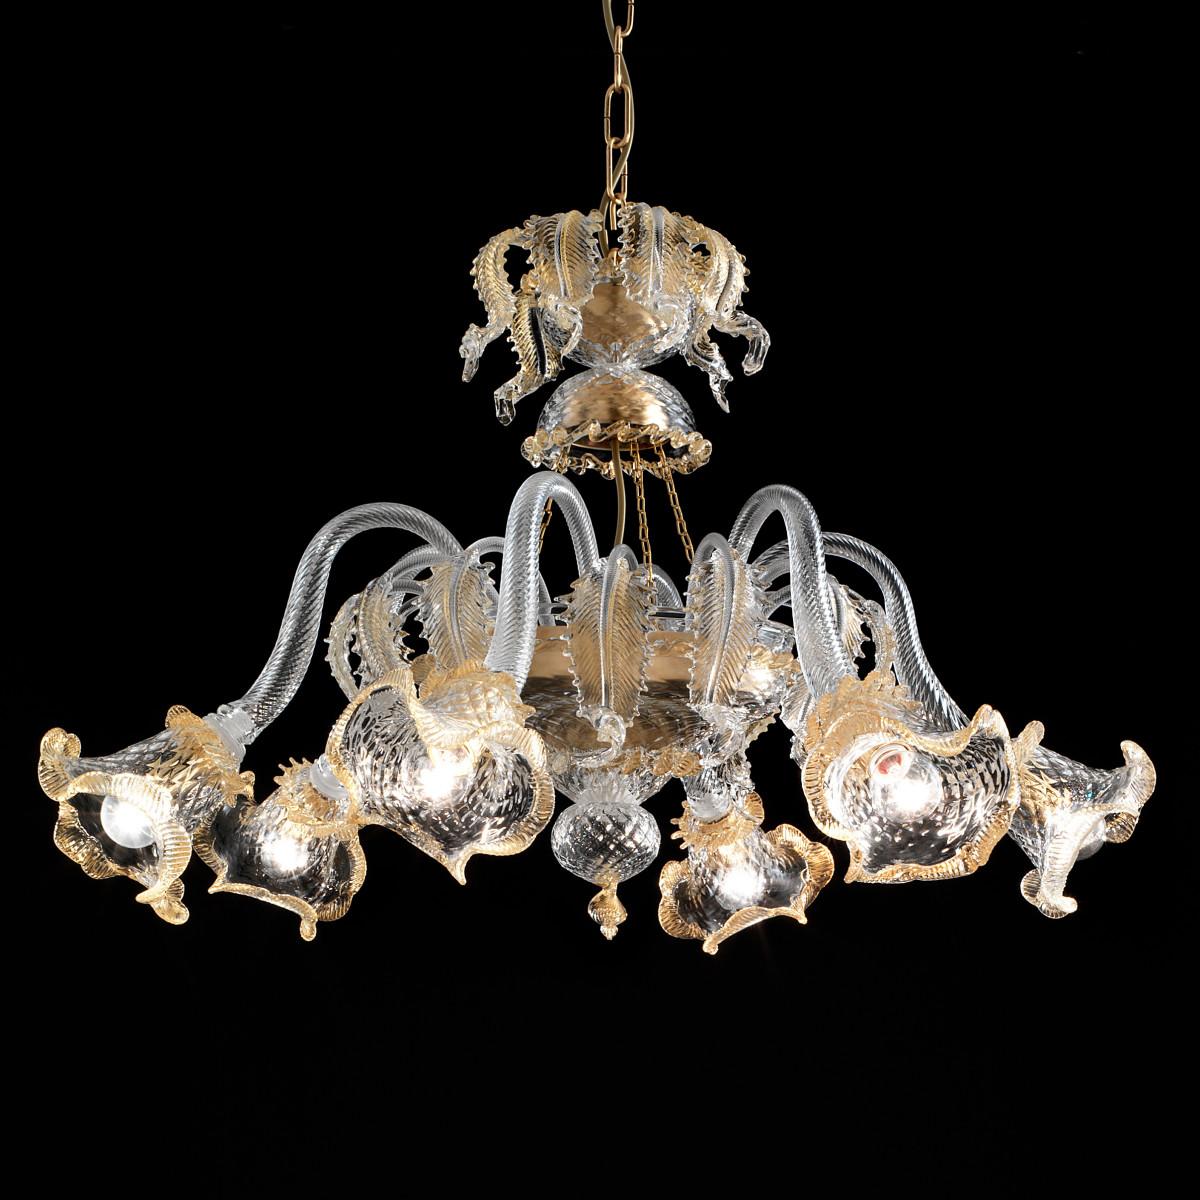 Canal Grande 6 lights basket shape Murano chandelier - transparent gold